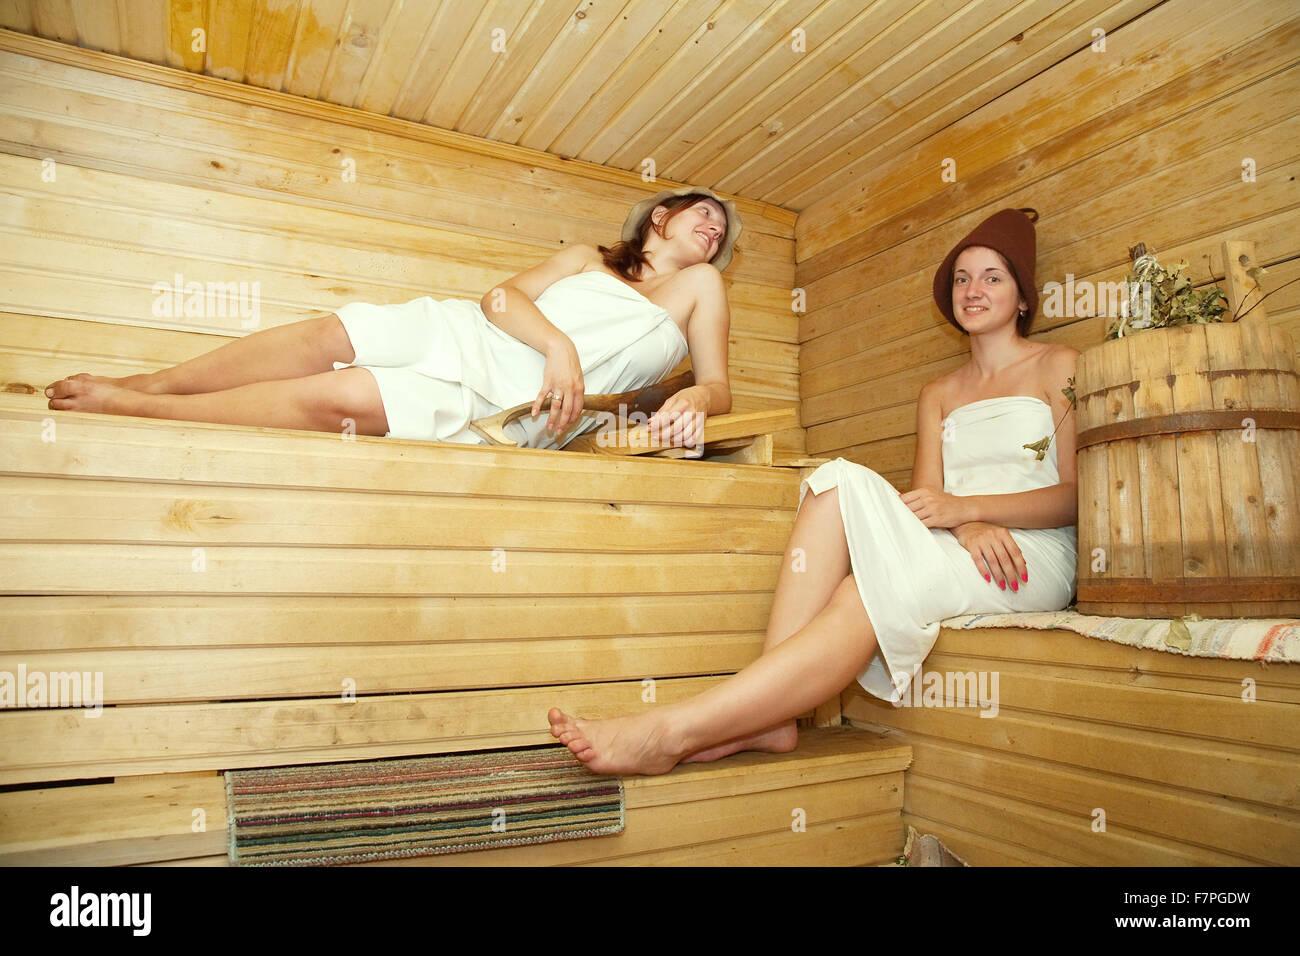 Schön Sauna Bilder Das Beste Von Junge Frauen Ist Unter Dampf-bad Stockbild